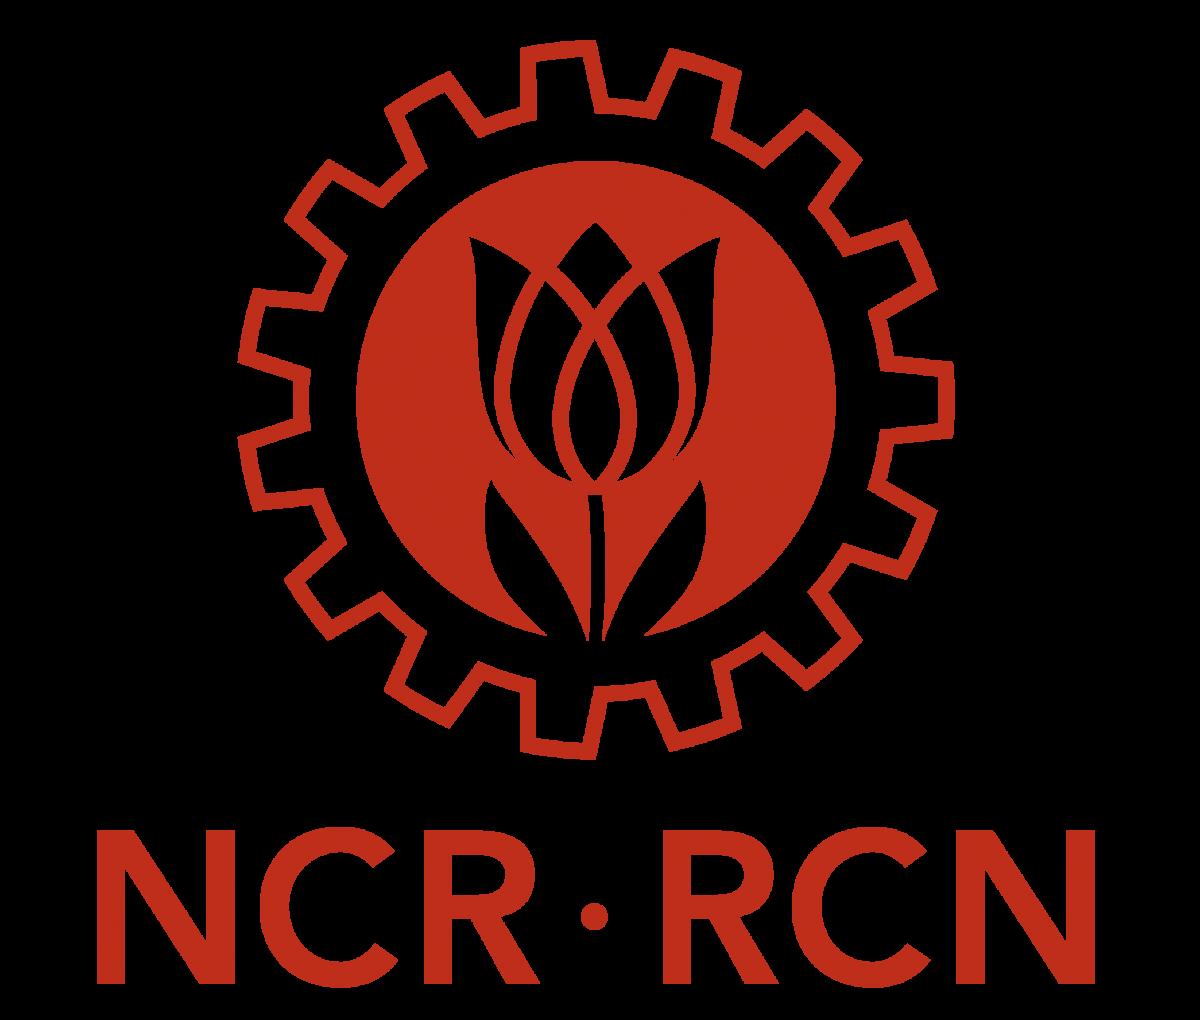 National Capital Region - Région de la capitale nationale